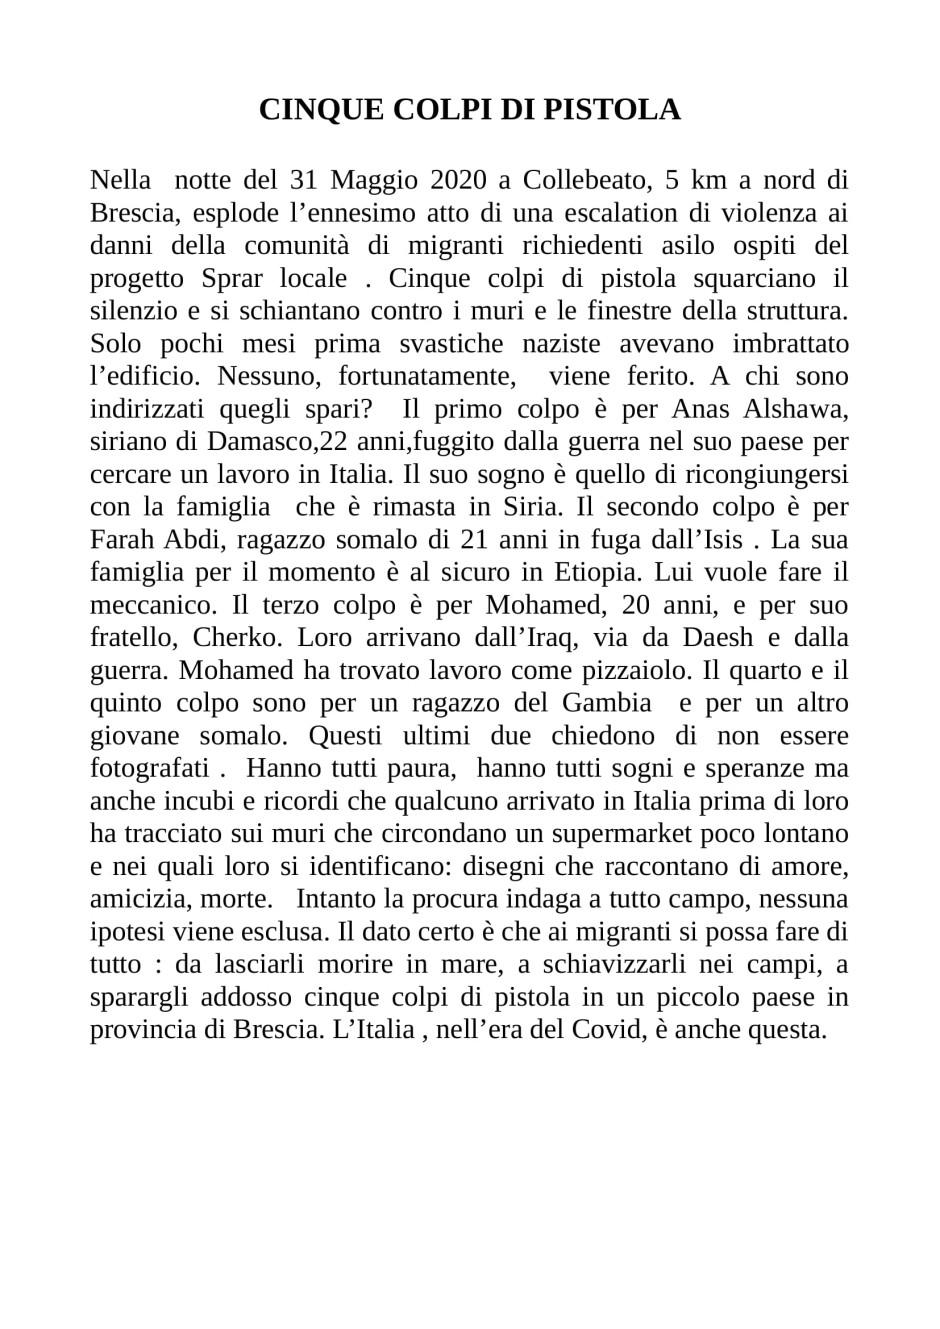 CLAUDIO RIZZINI-CINQUE COLPI DI PISTOLA-1